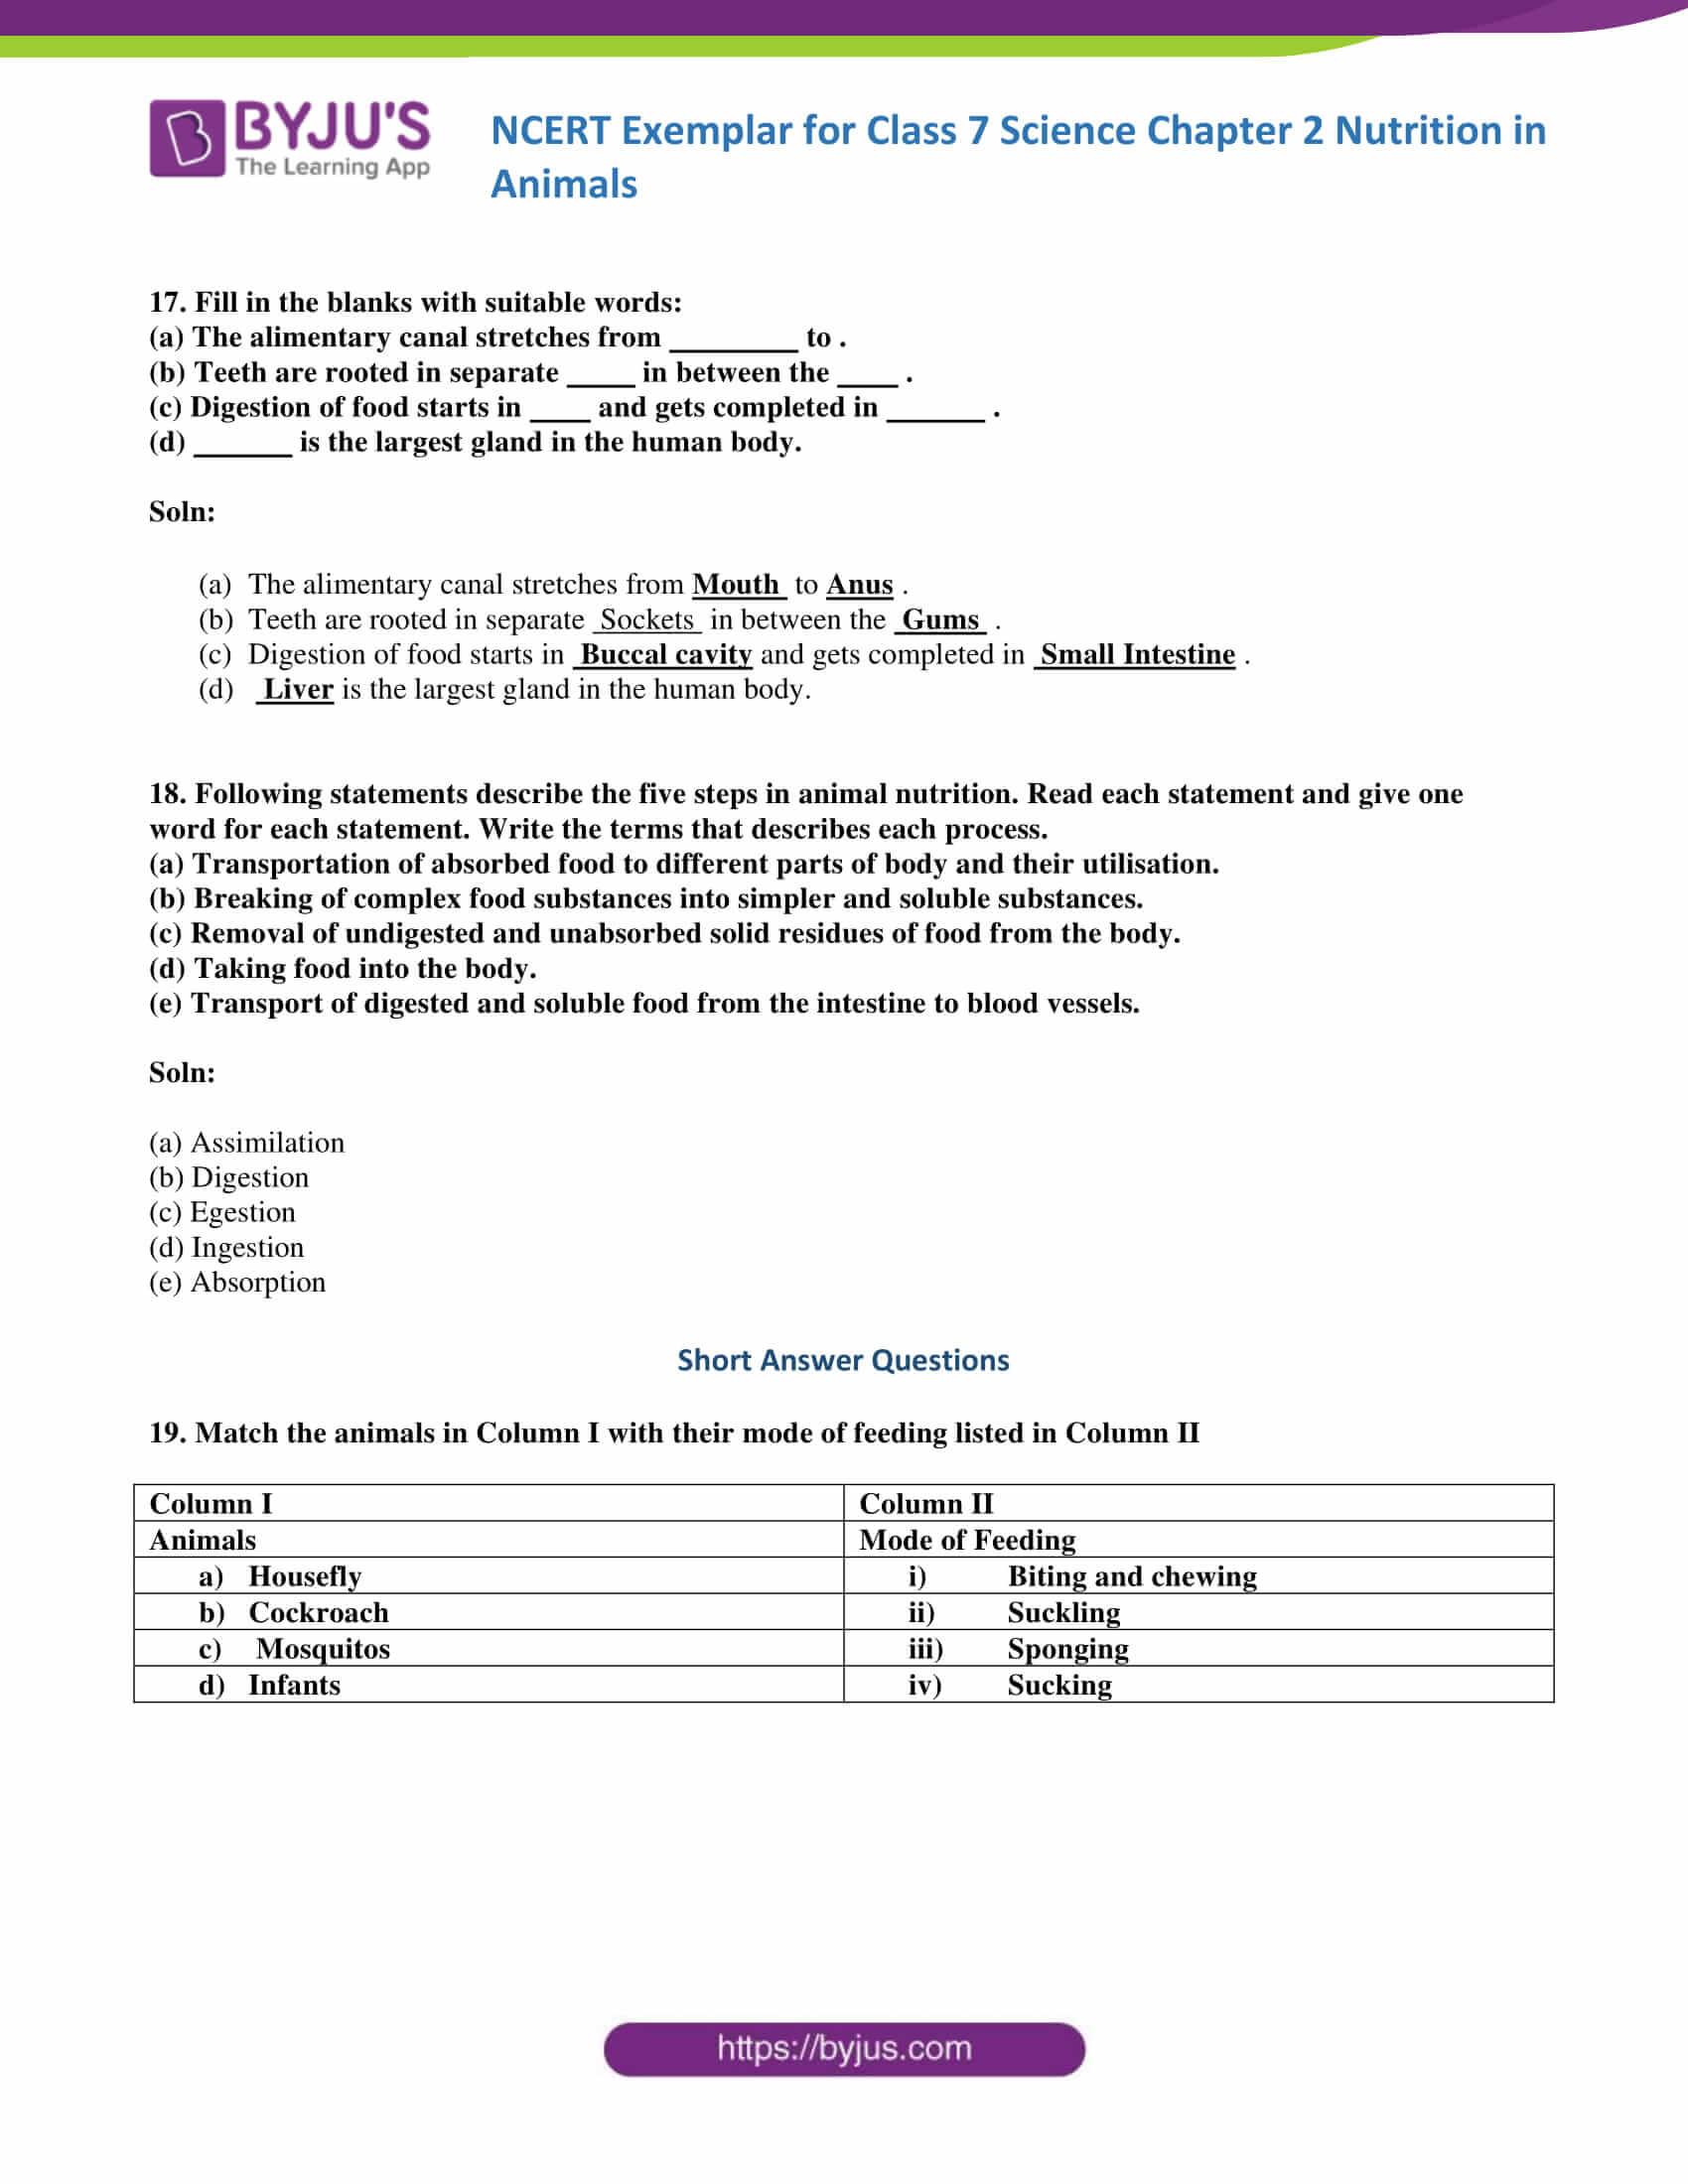 NCERT Exemplar solution class 7 science Chapter 2 07